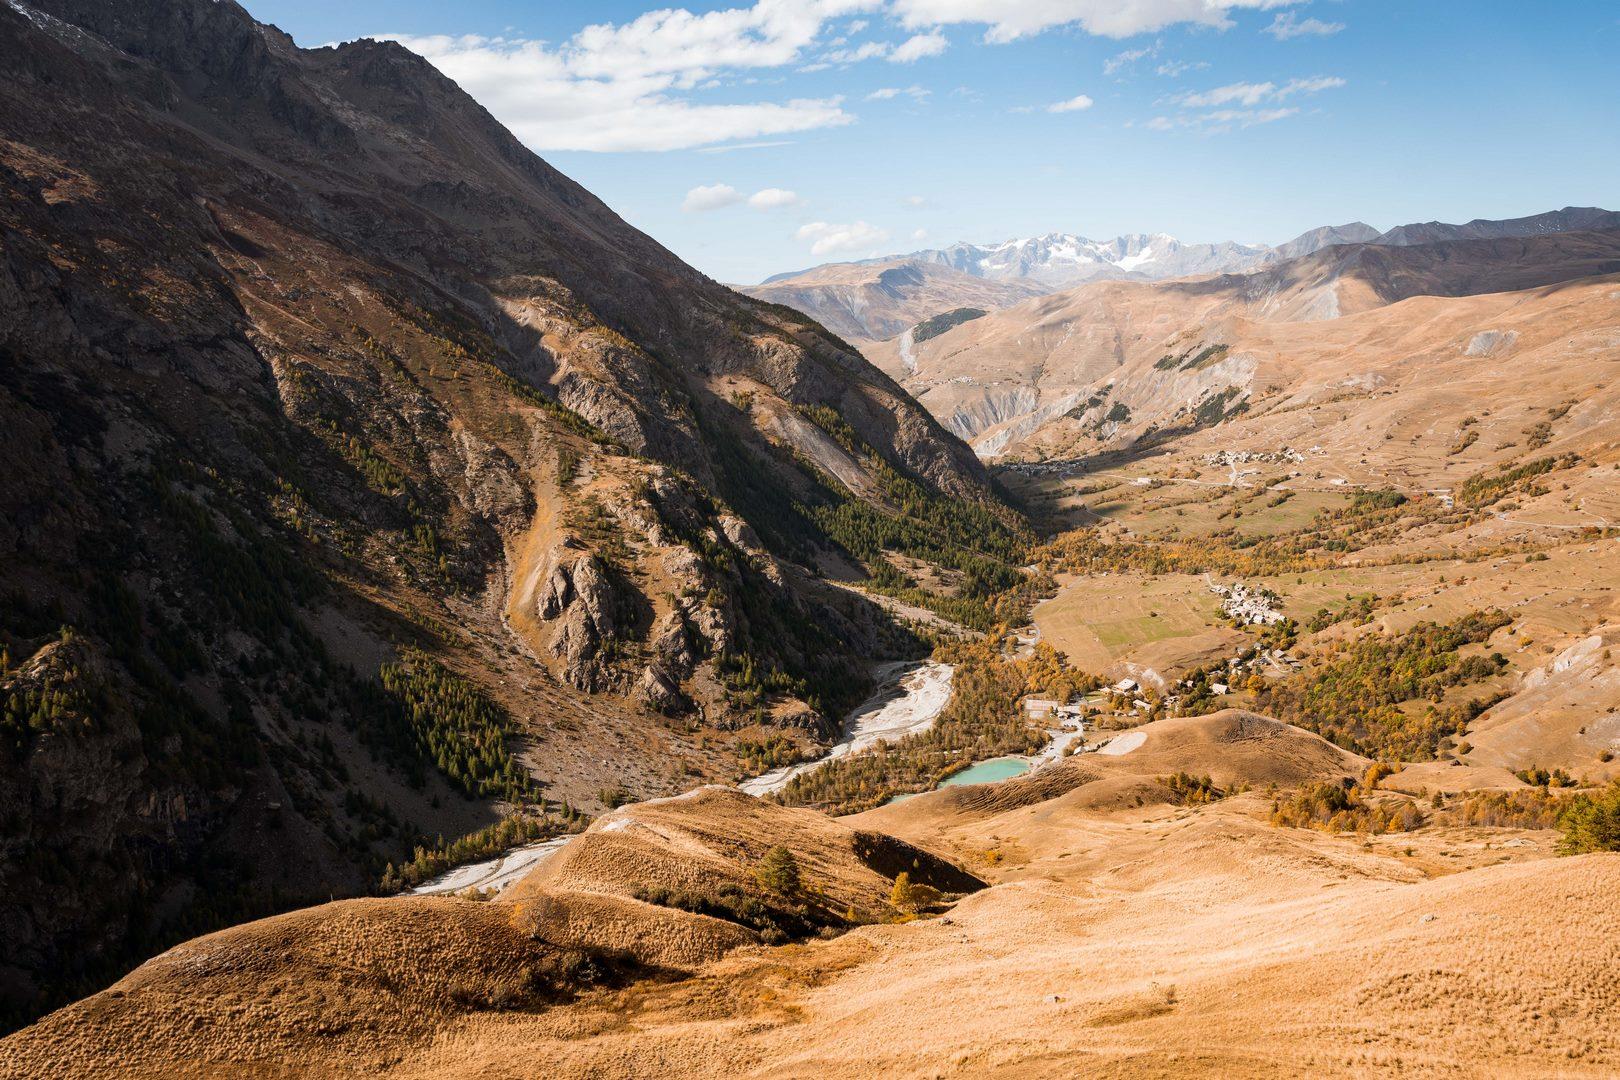 Sentier des Crevasses Parc national des Ecrins